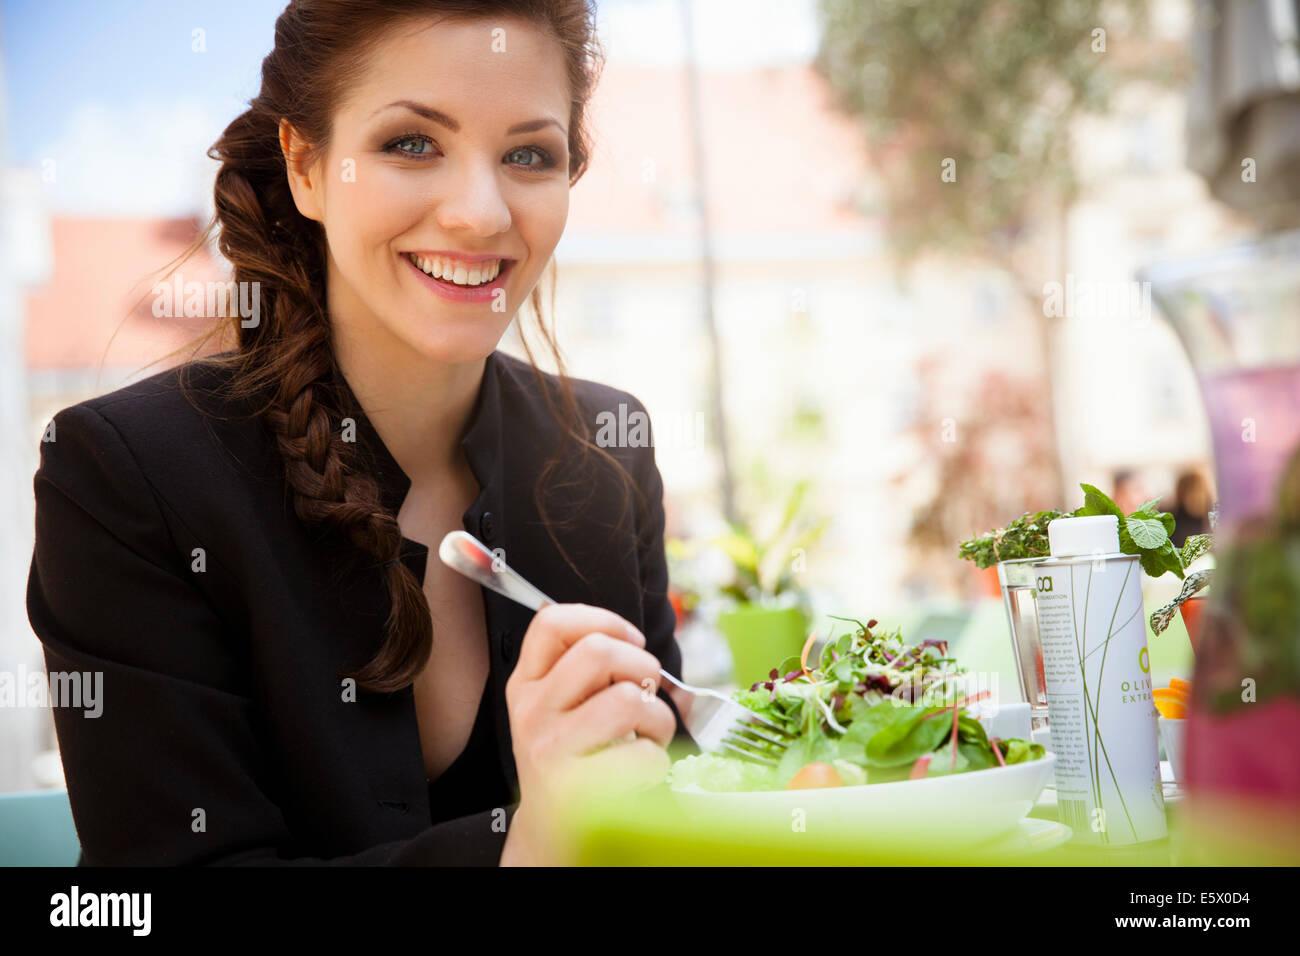 Young adult woman eating salad, à l'extérieur Photo Stock